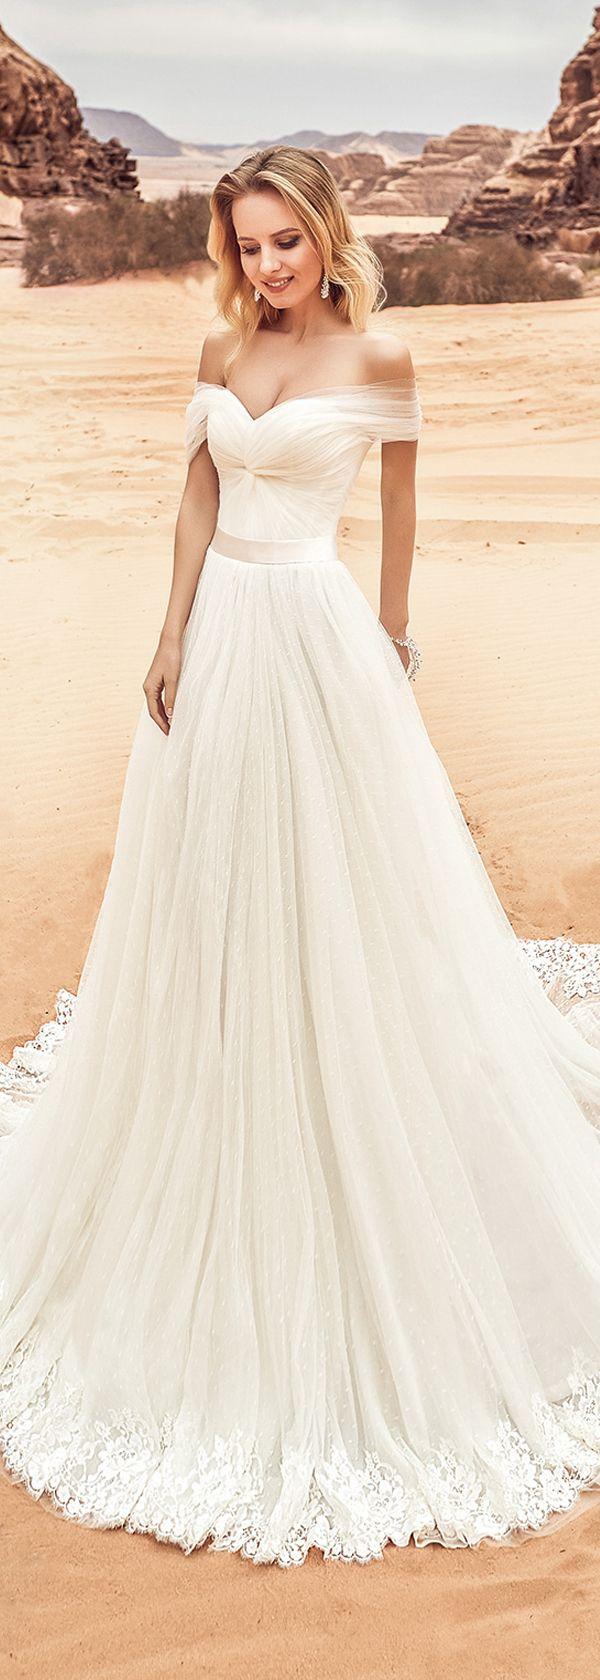 Fantastic tulle offtheshoulder neckline aline wedding dress with